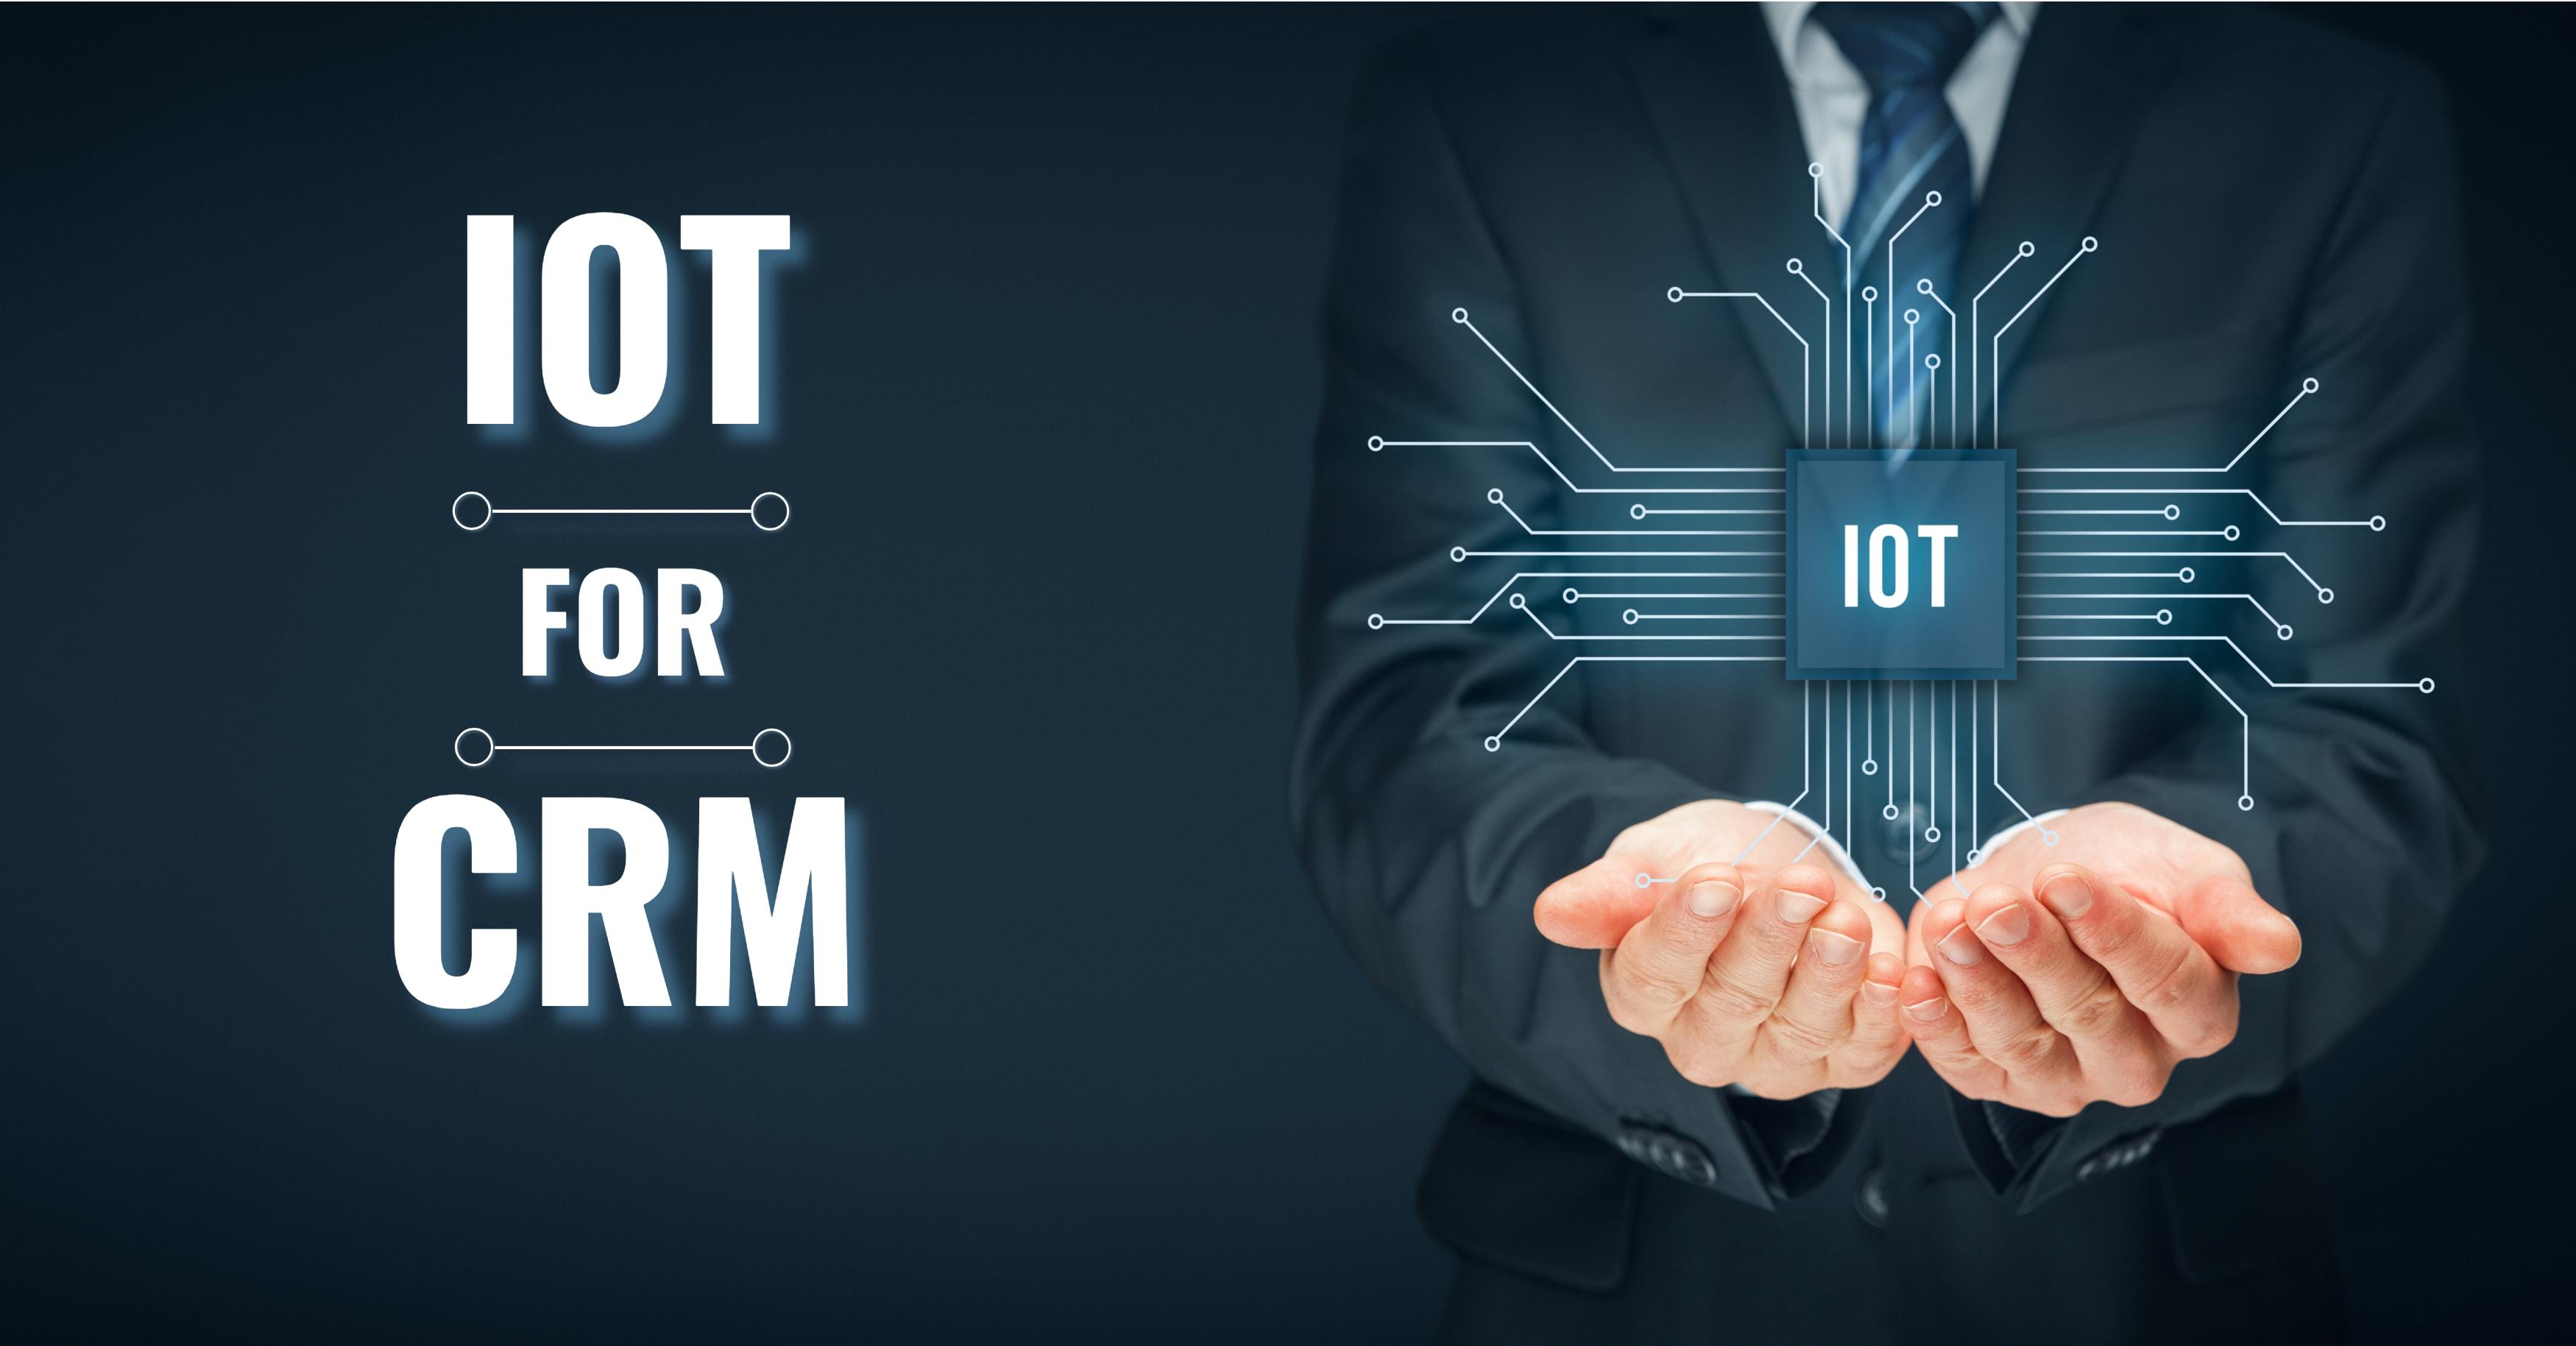 IoT CRM